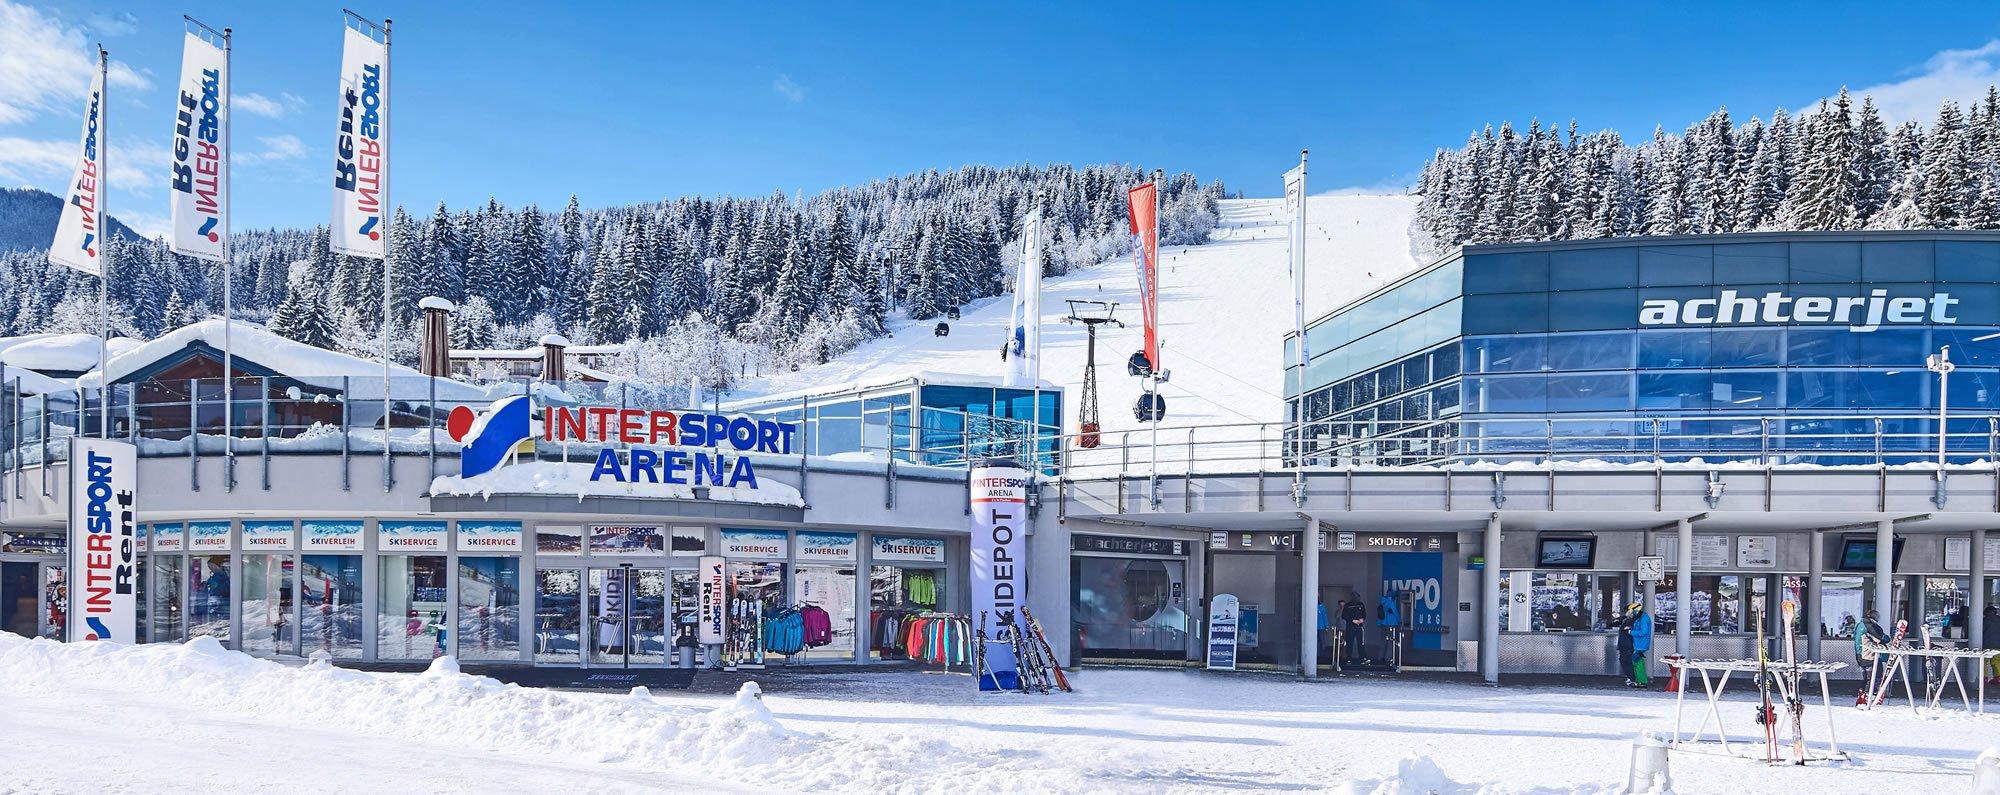 Skiverleih Verkauf Achterjet Sportshop Intersport Arena Flachau